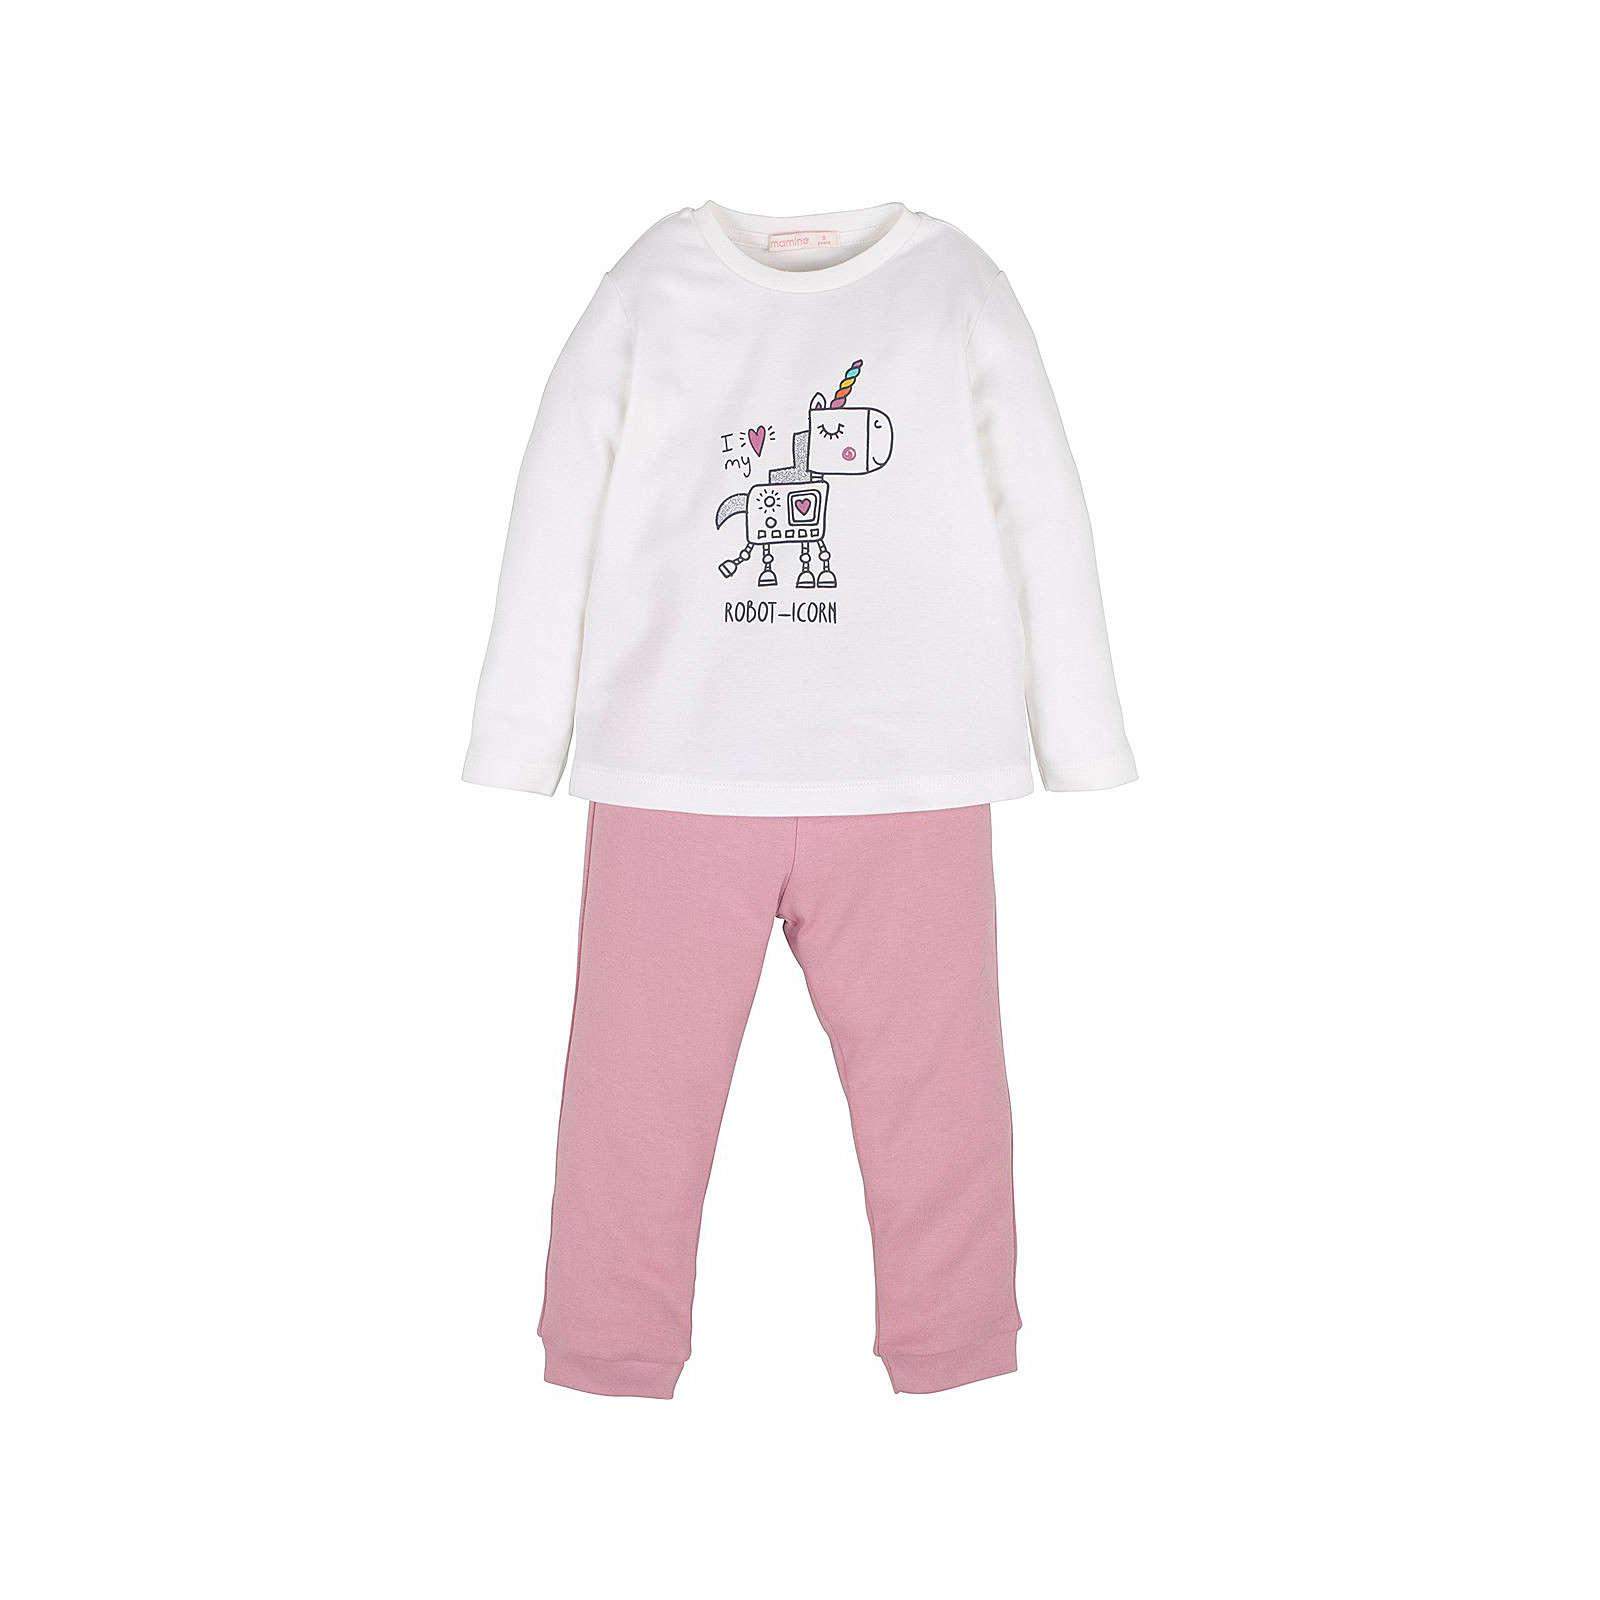 mamino Mädchen Schlafanzug -Robot-Icorn Anzüge pink Mädchen Gr. 62/68